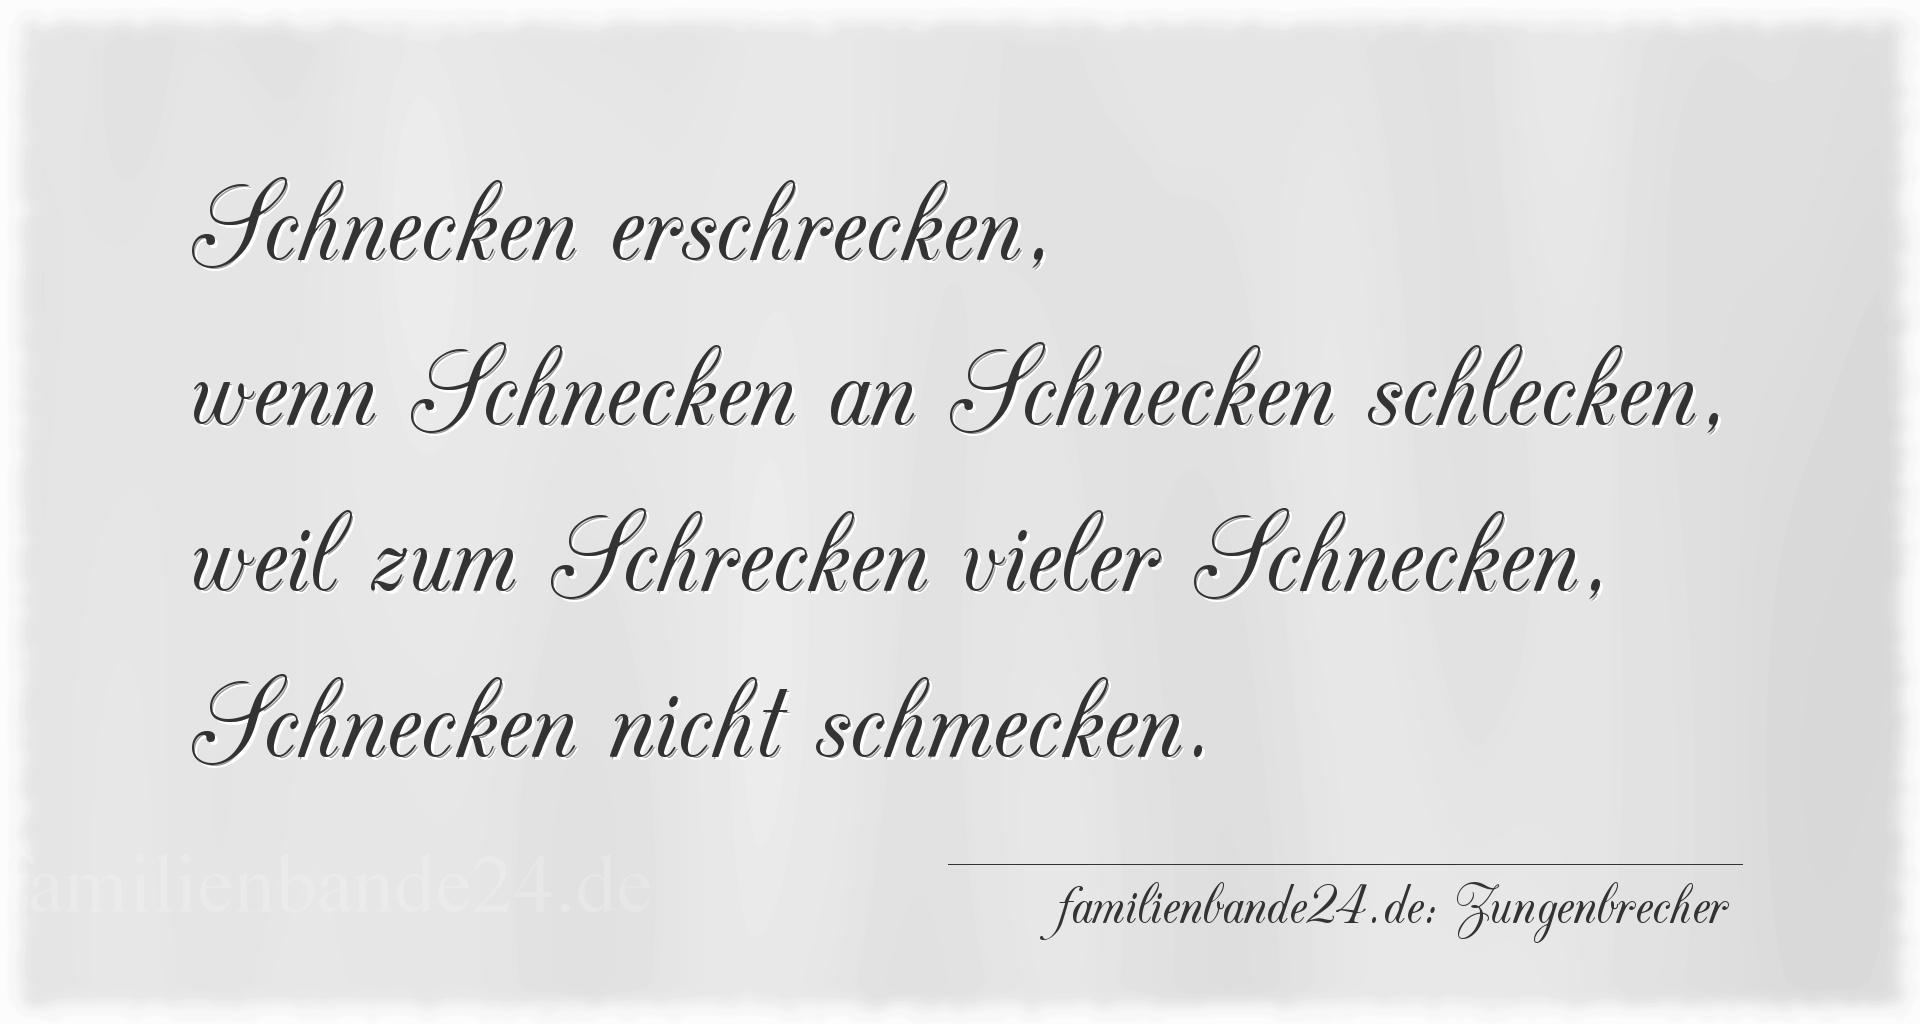 Sprüche Firmenjubiläum | Bnbnews.co